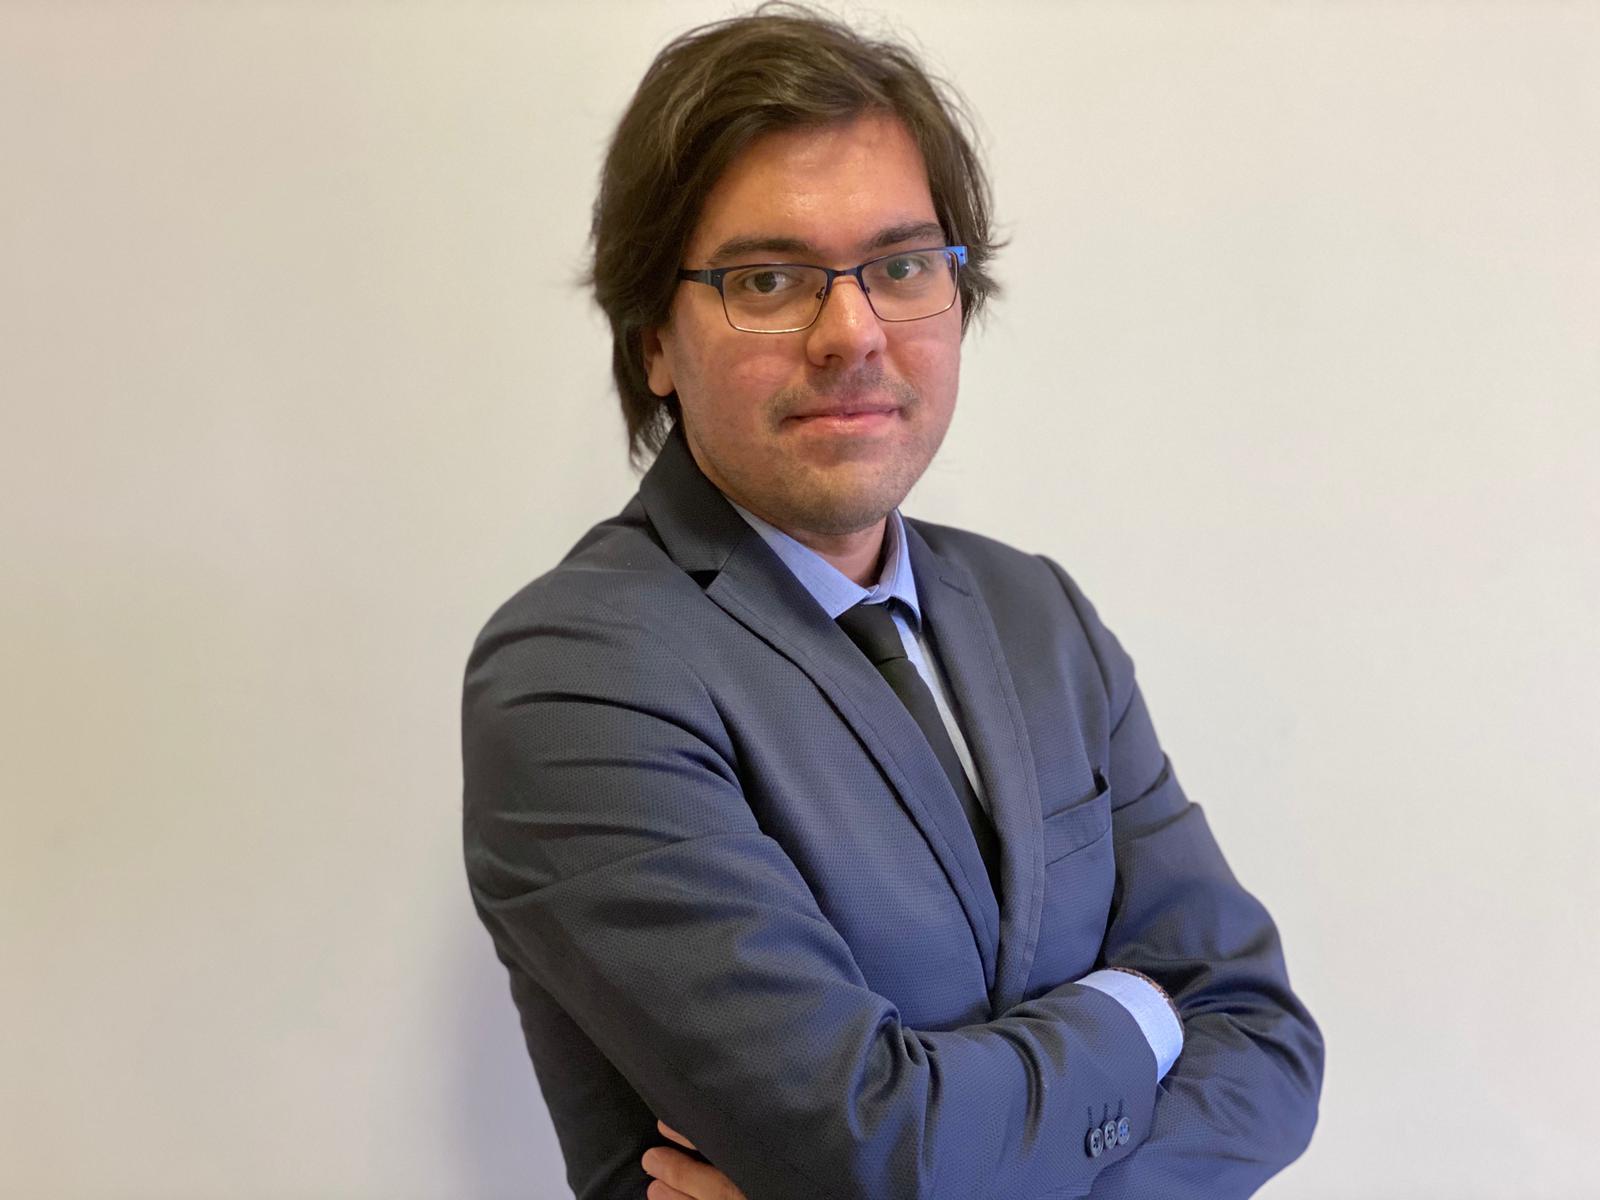 Juan Luis Betancor Medrano ABOGADO- ASOCIADO